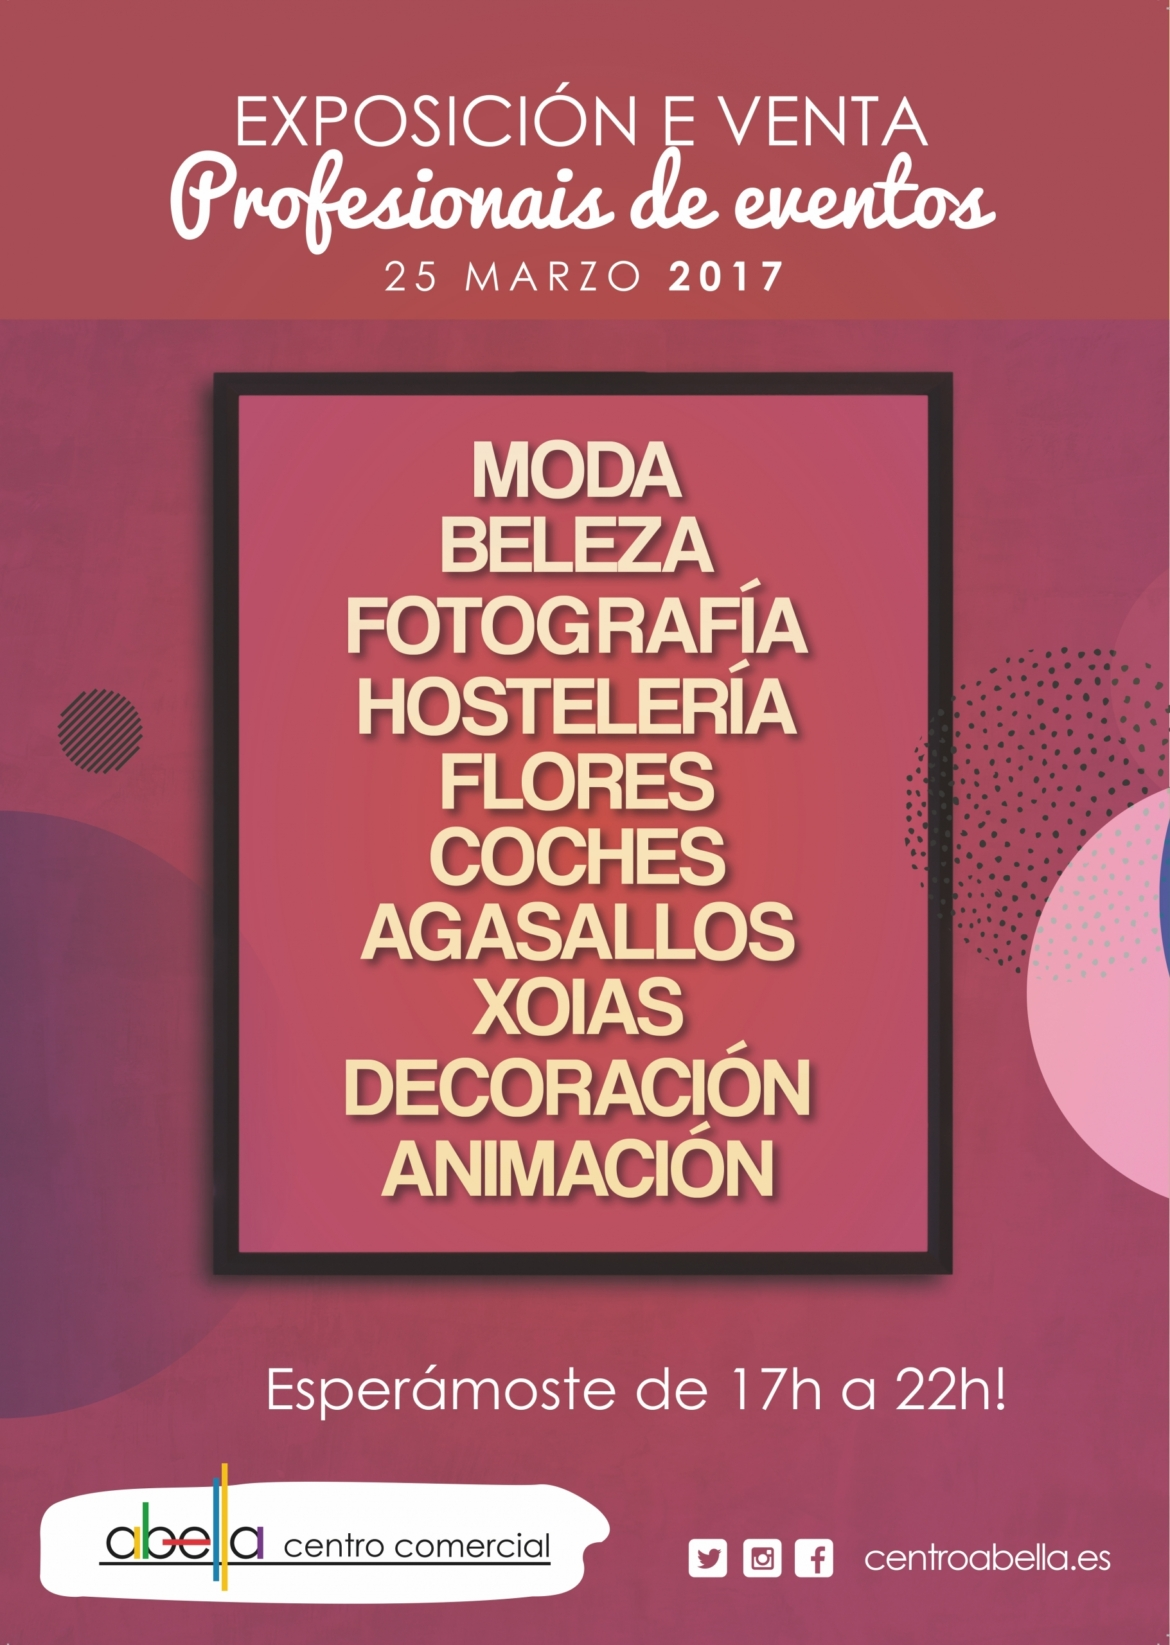 Cartel-Exposicion-e-Venta-C.C.-Abella-scaled.jpg